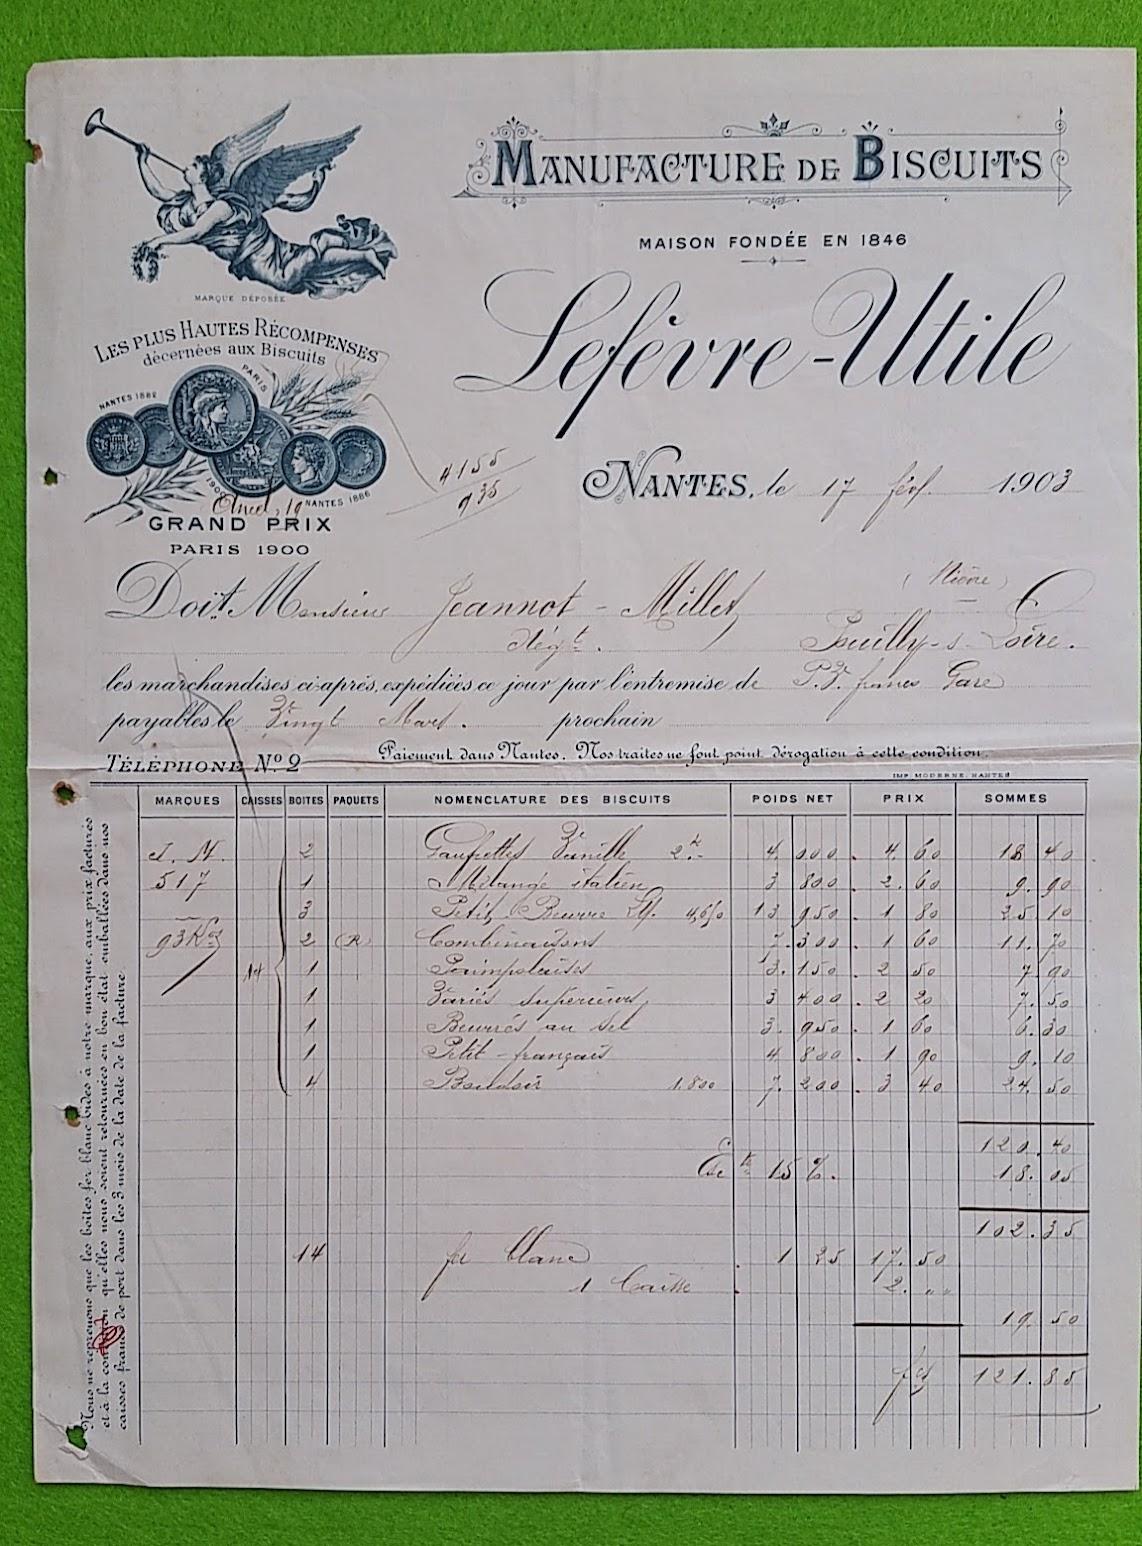 Rechnung für Kekse von Lefevre-Utile  vom 17. Februar 1903